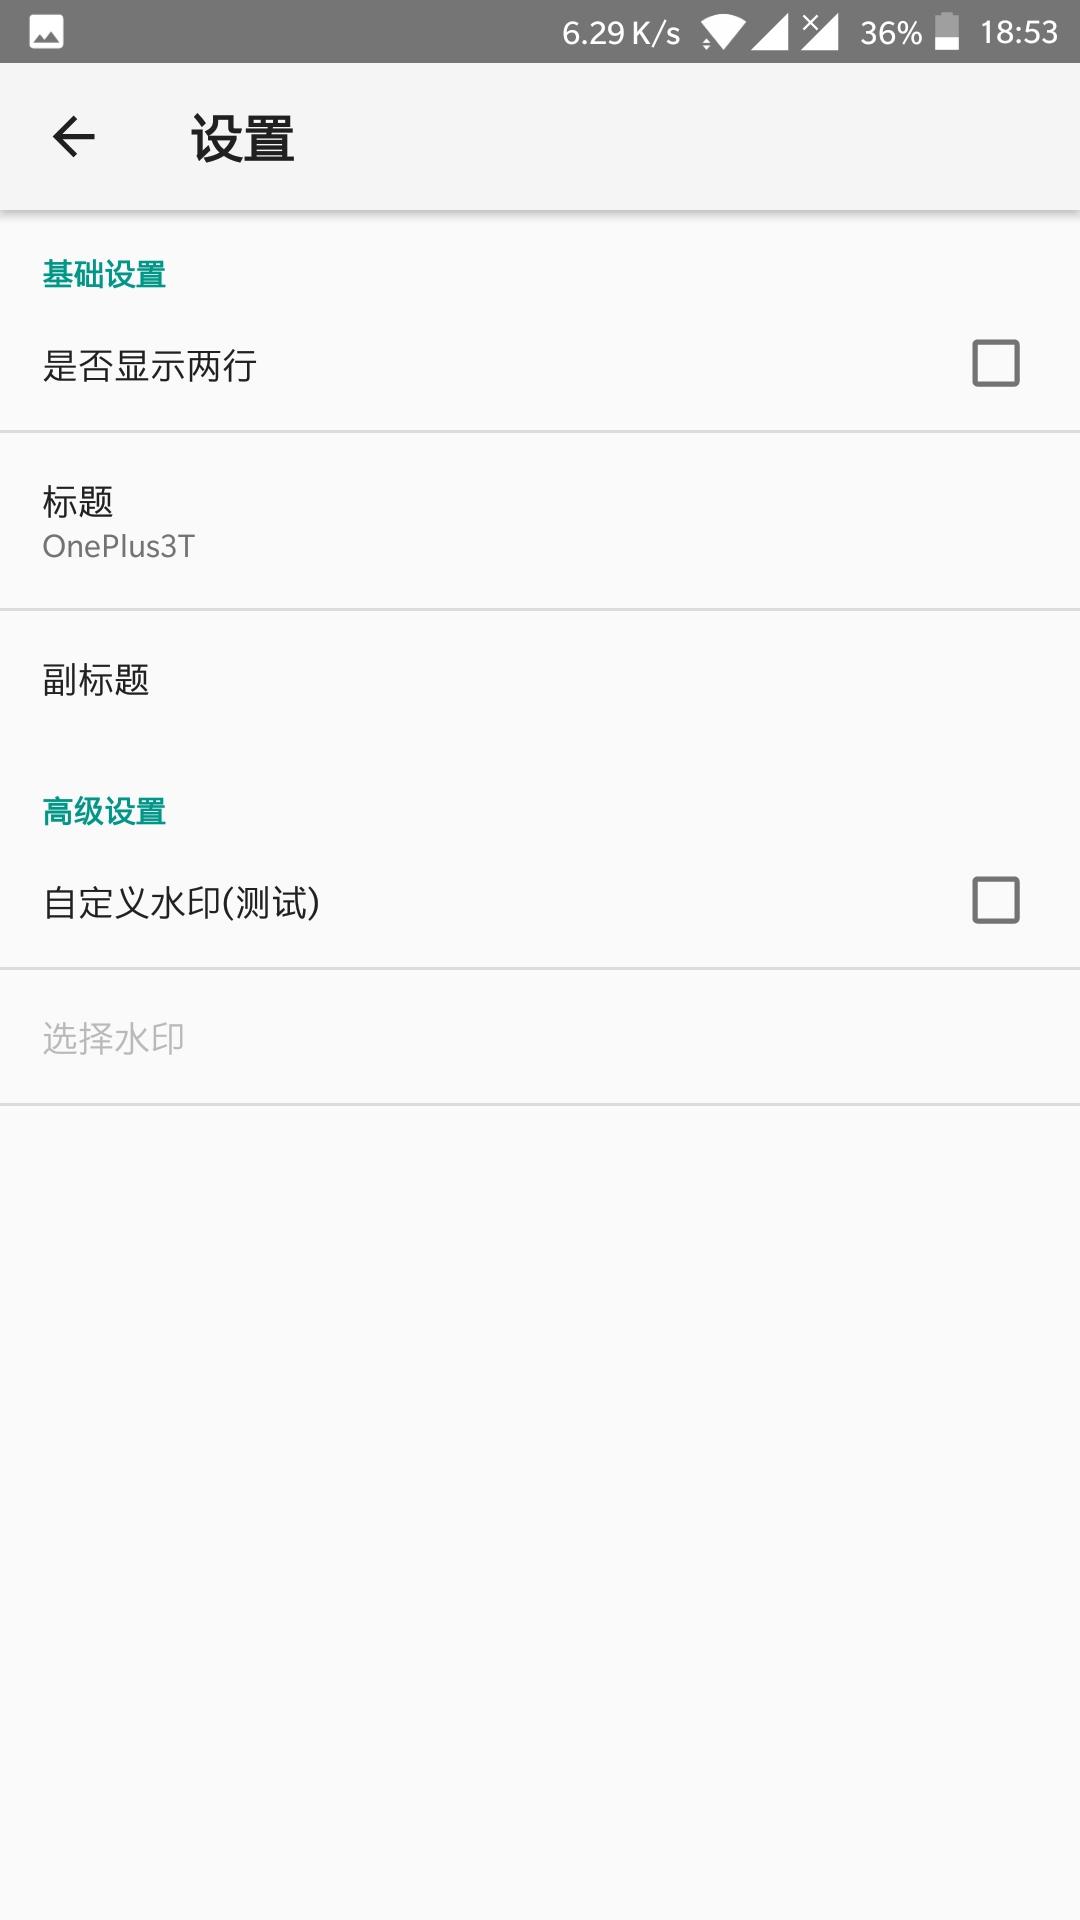 Screenshot_20180606-185302.jpg